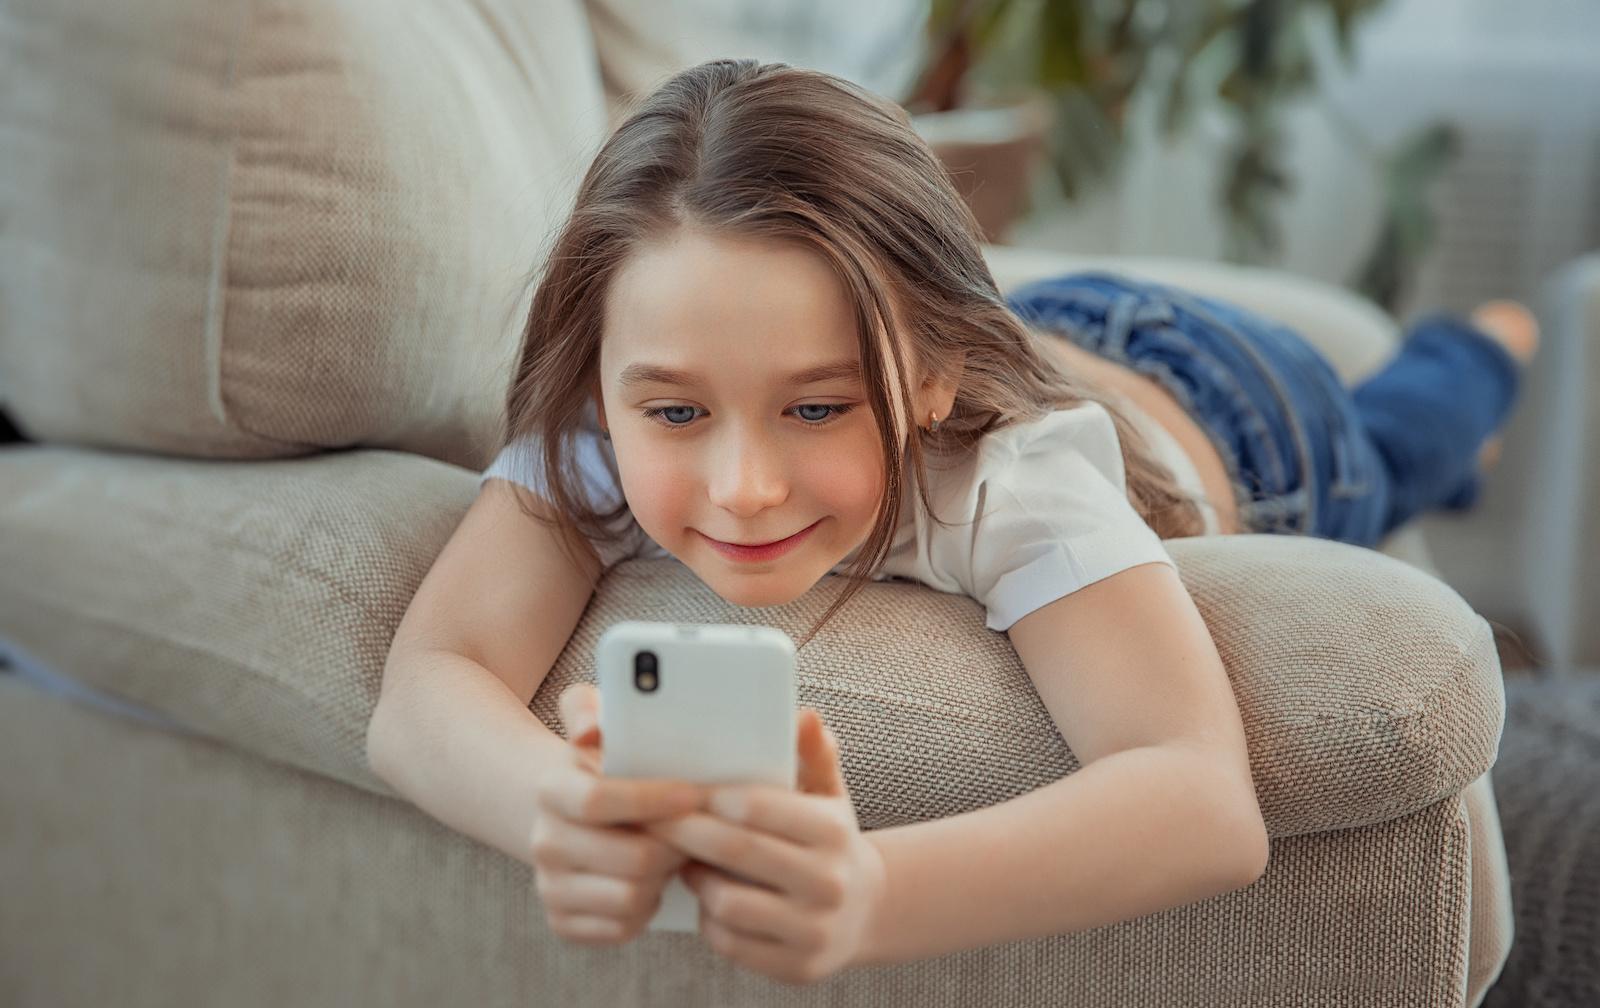 Mädchen liegt auf dem Sofa mit ihrem Smartphone